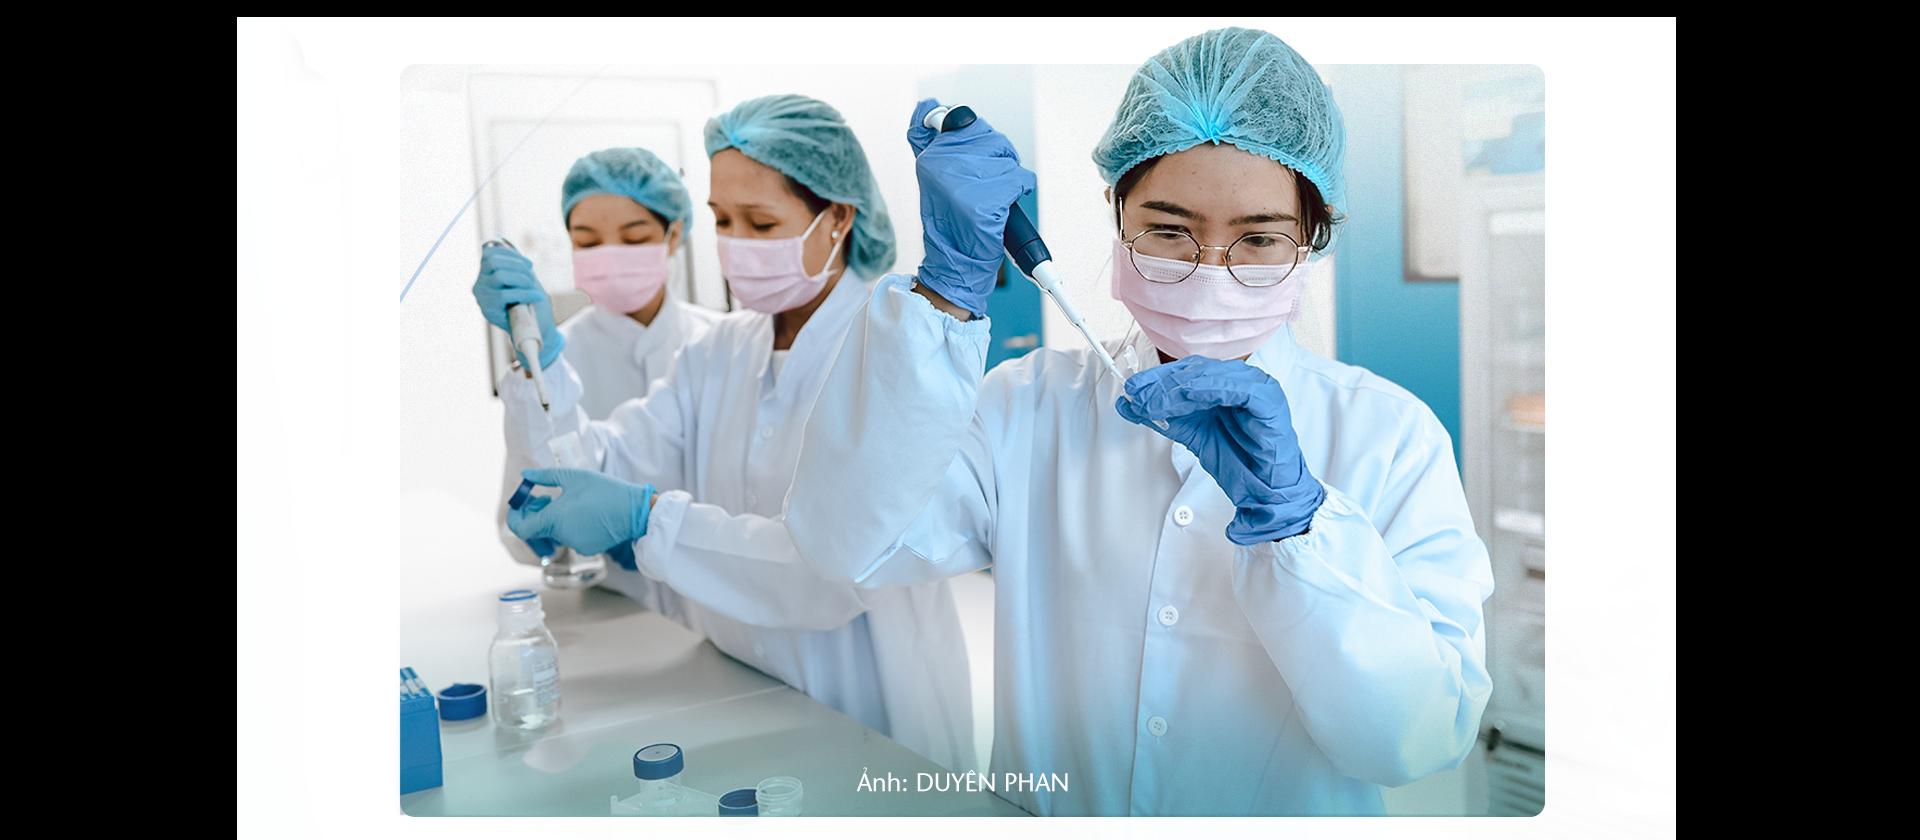 Hành trình vắc xin Việt - Ảnh 15.